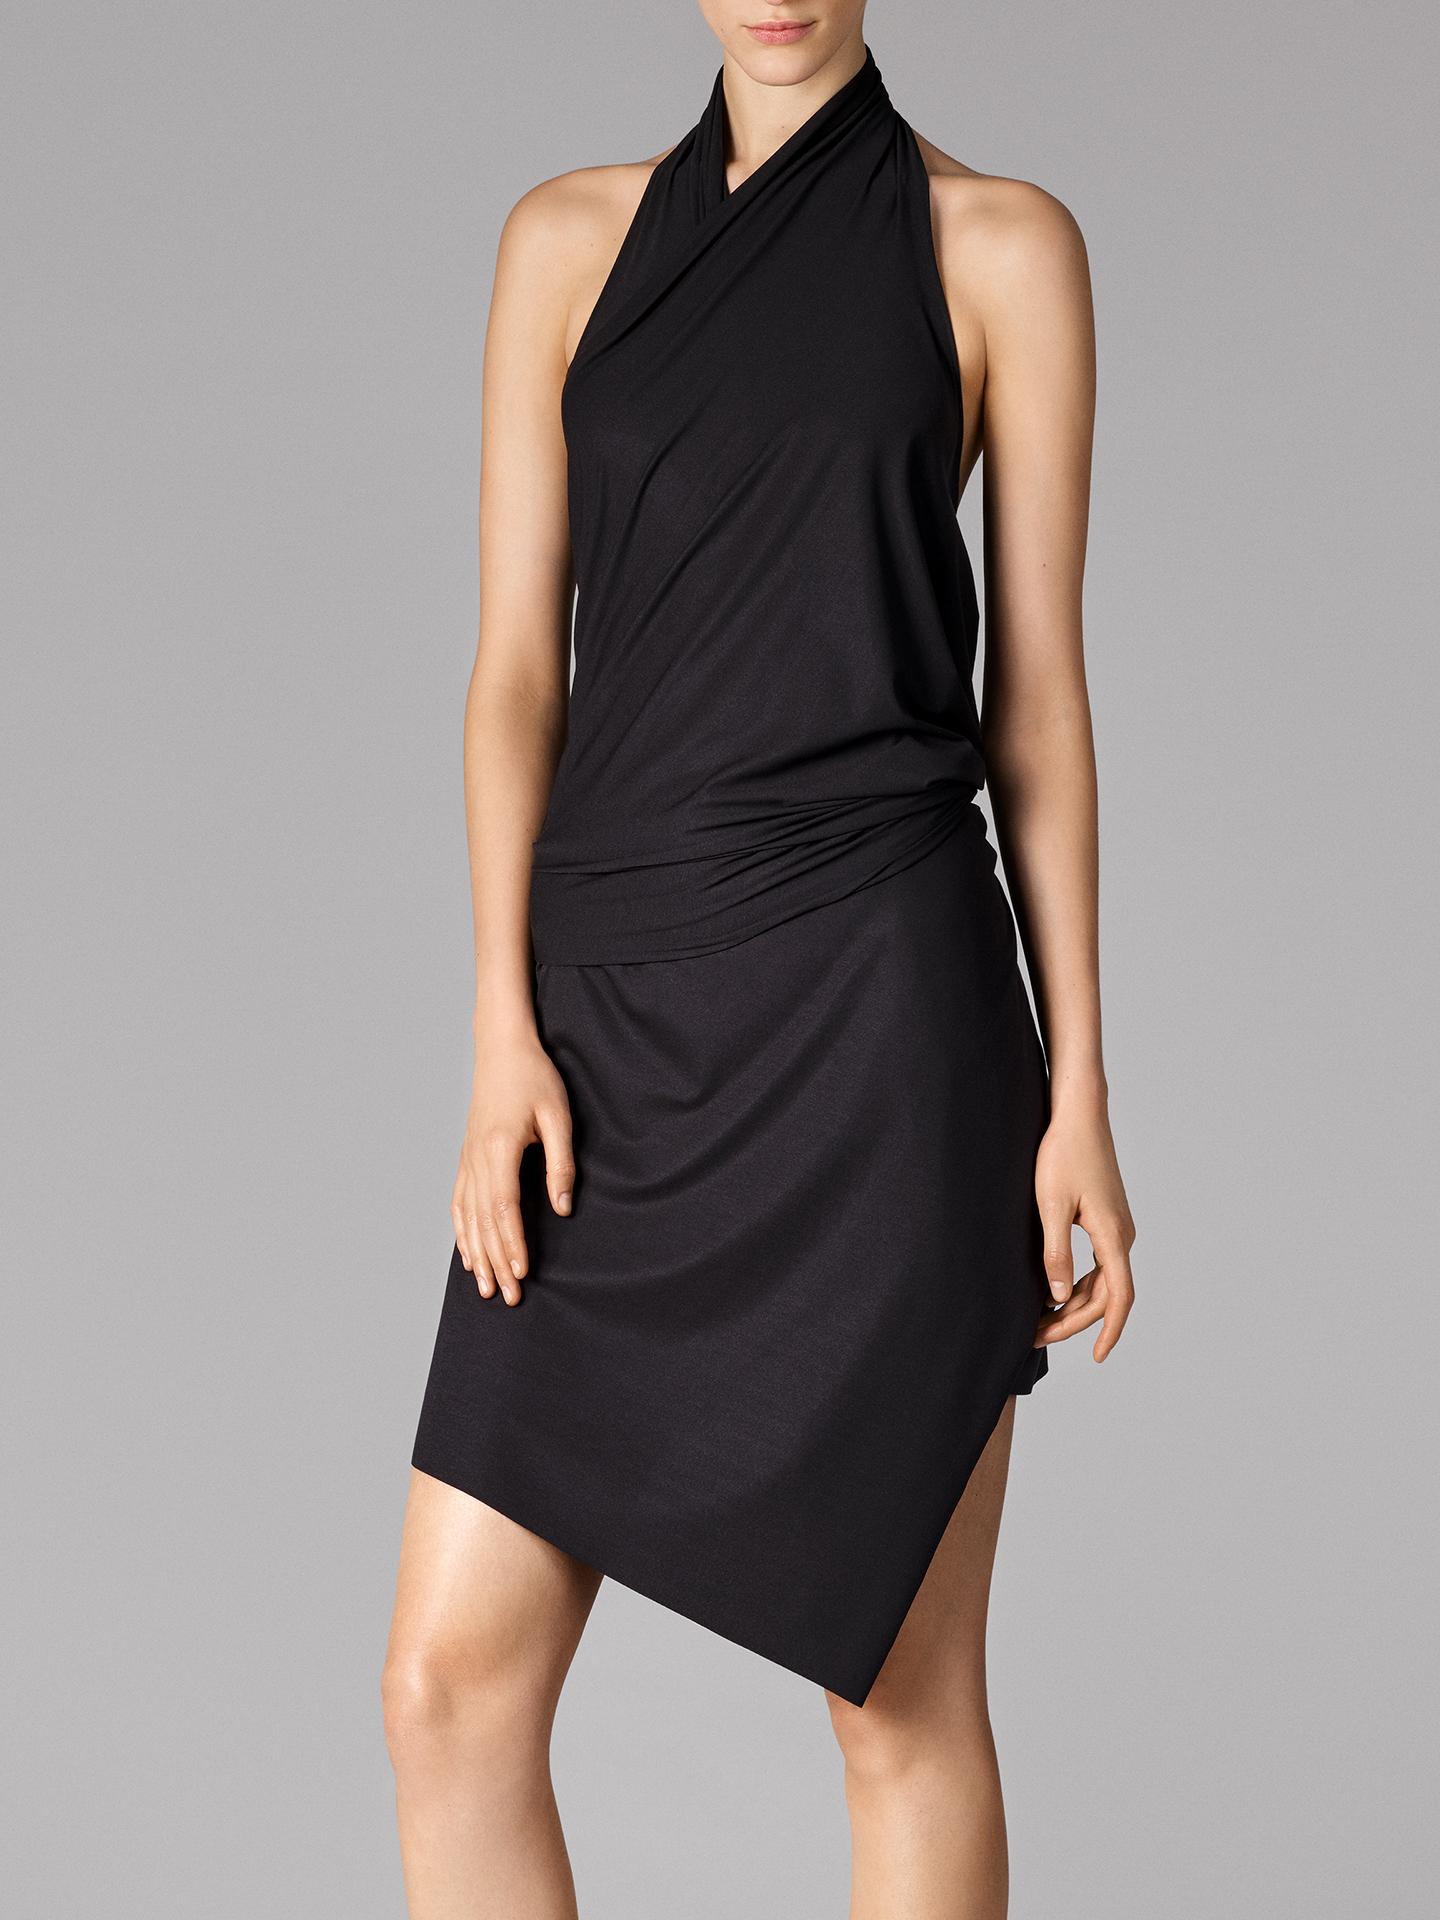 Pure Summer Dress - 7005 - S